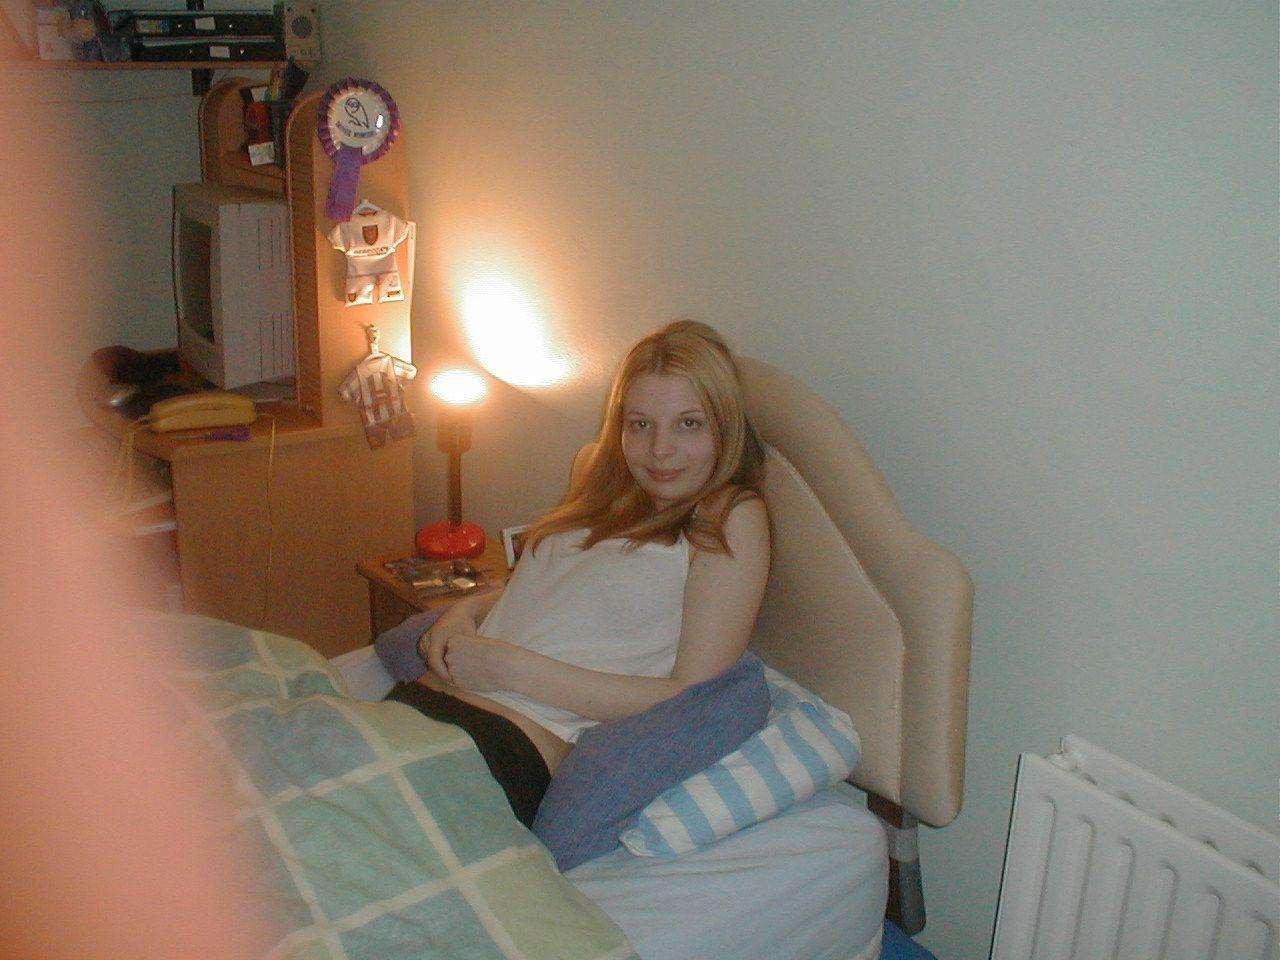 foto bugil cewek rusia toket cilik telanjang di kamar kost siap untuk di sodok kontol